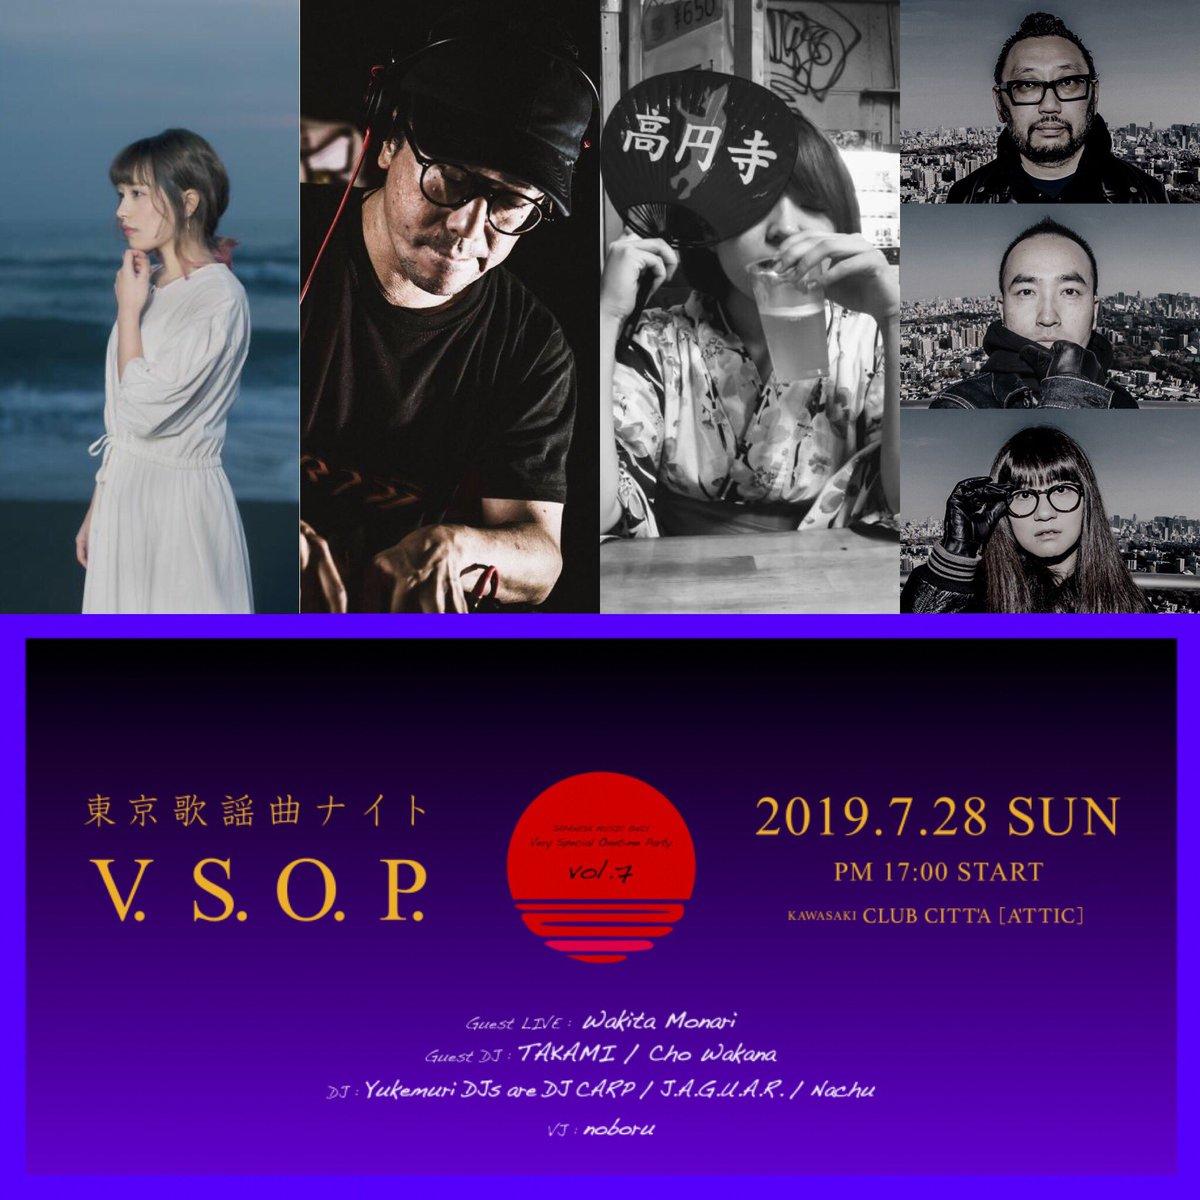 今週7月28日日曜は『東京歌謡曲ナイトV.S.O.P.』本祭に向けてホットサンデーになる事間違いなし。ゲストライブは加賀フェスの熱冷めやらね脇田もなりさん!ゲストDJは、J-POP現場だから同じブースに立たせて貰えると毎回感じてるタカミさんと混ぜまくる超わかな!予約こちら